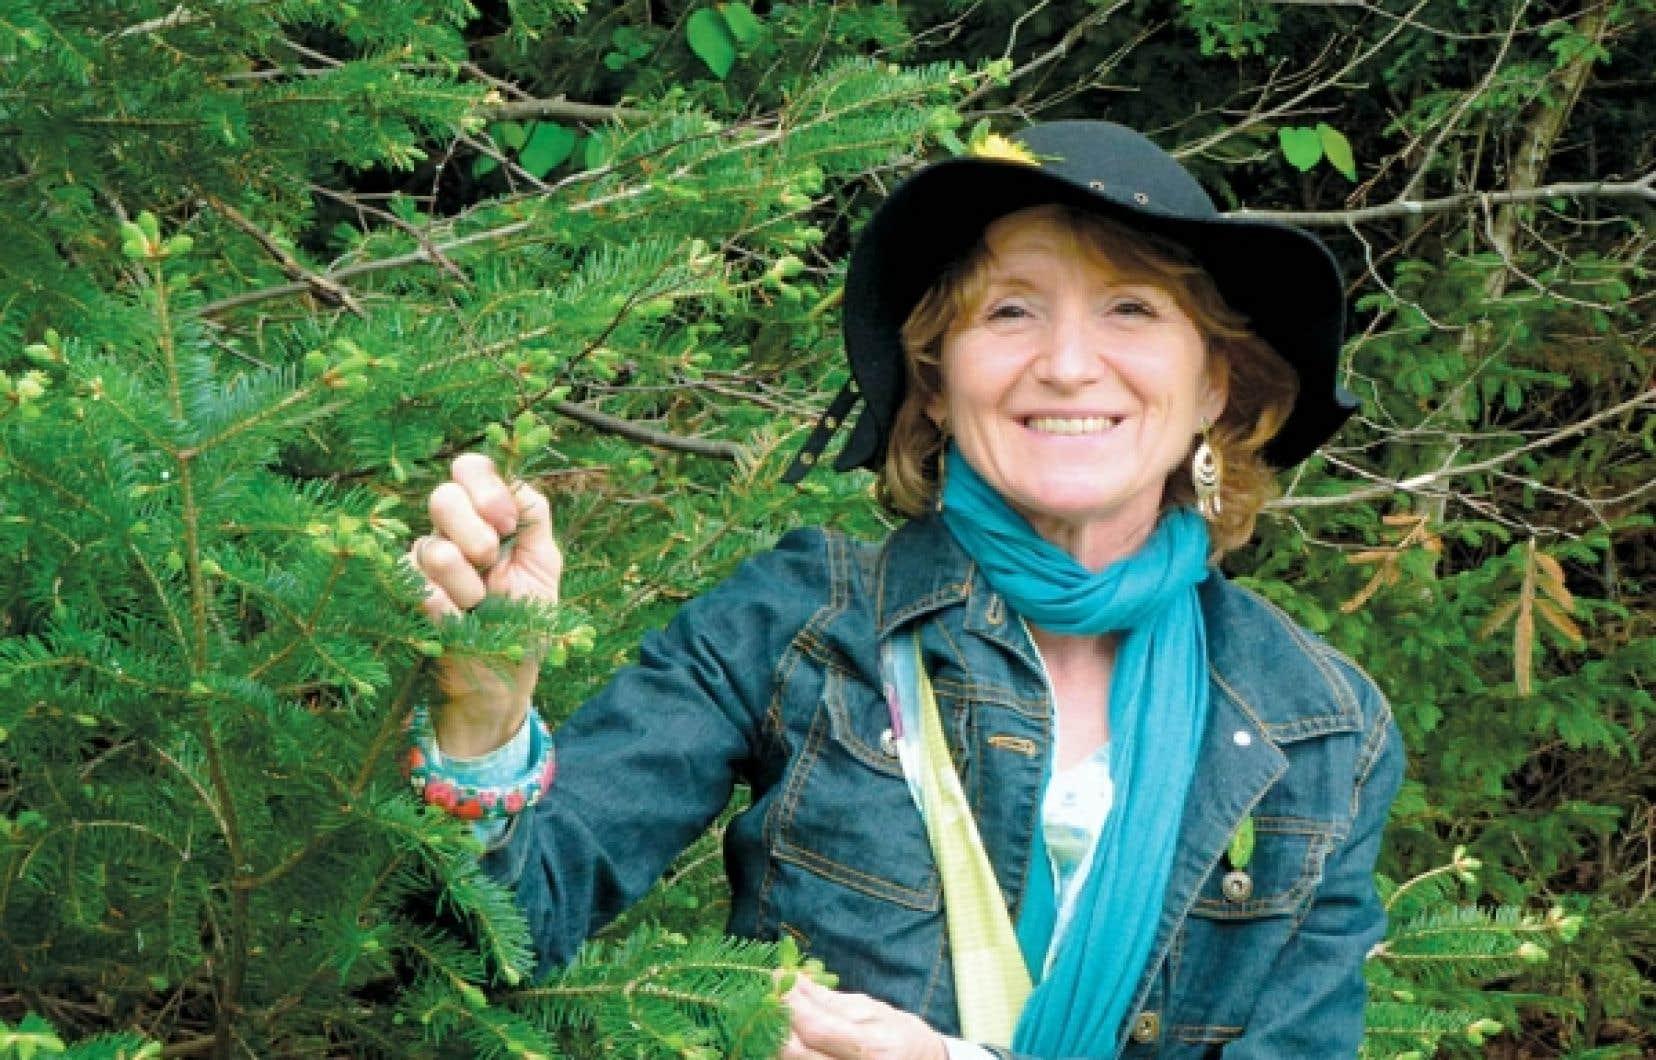 """Pour clore le joli mai, l'herboriste Anny Schneider cueille des bourgeons de sapin baumier destinés à une tisane apéritive. «Autrefois, on disait de quelqu'un qui était très malade qu'il """"sentait le sapin"""" parce qu'on fabriquait les cercueils en sapin», raconte la sage femme aux connaissances druidiques.<br />"""